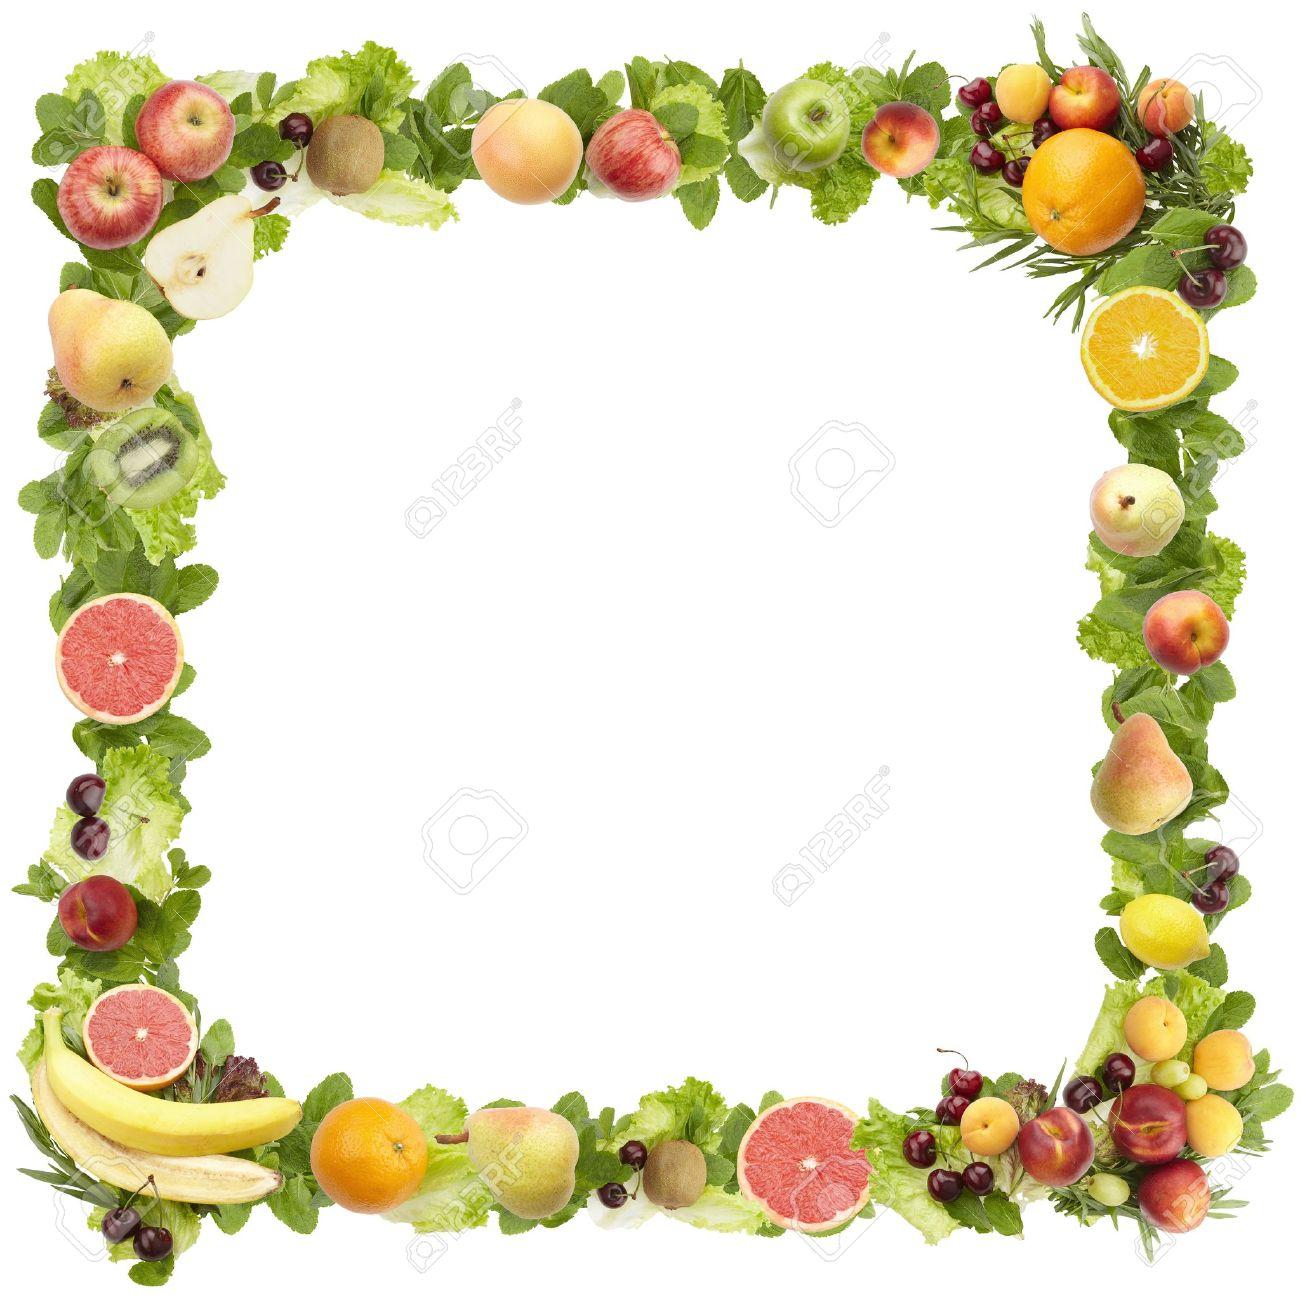 Der Rahmen Aus Obst Auf Weißem Hintergrund Lizenzfreie Fotos, Bilder ...